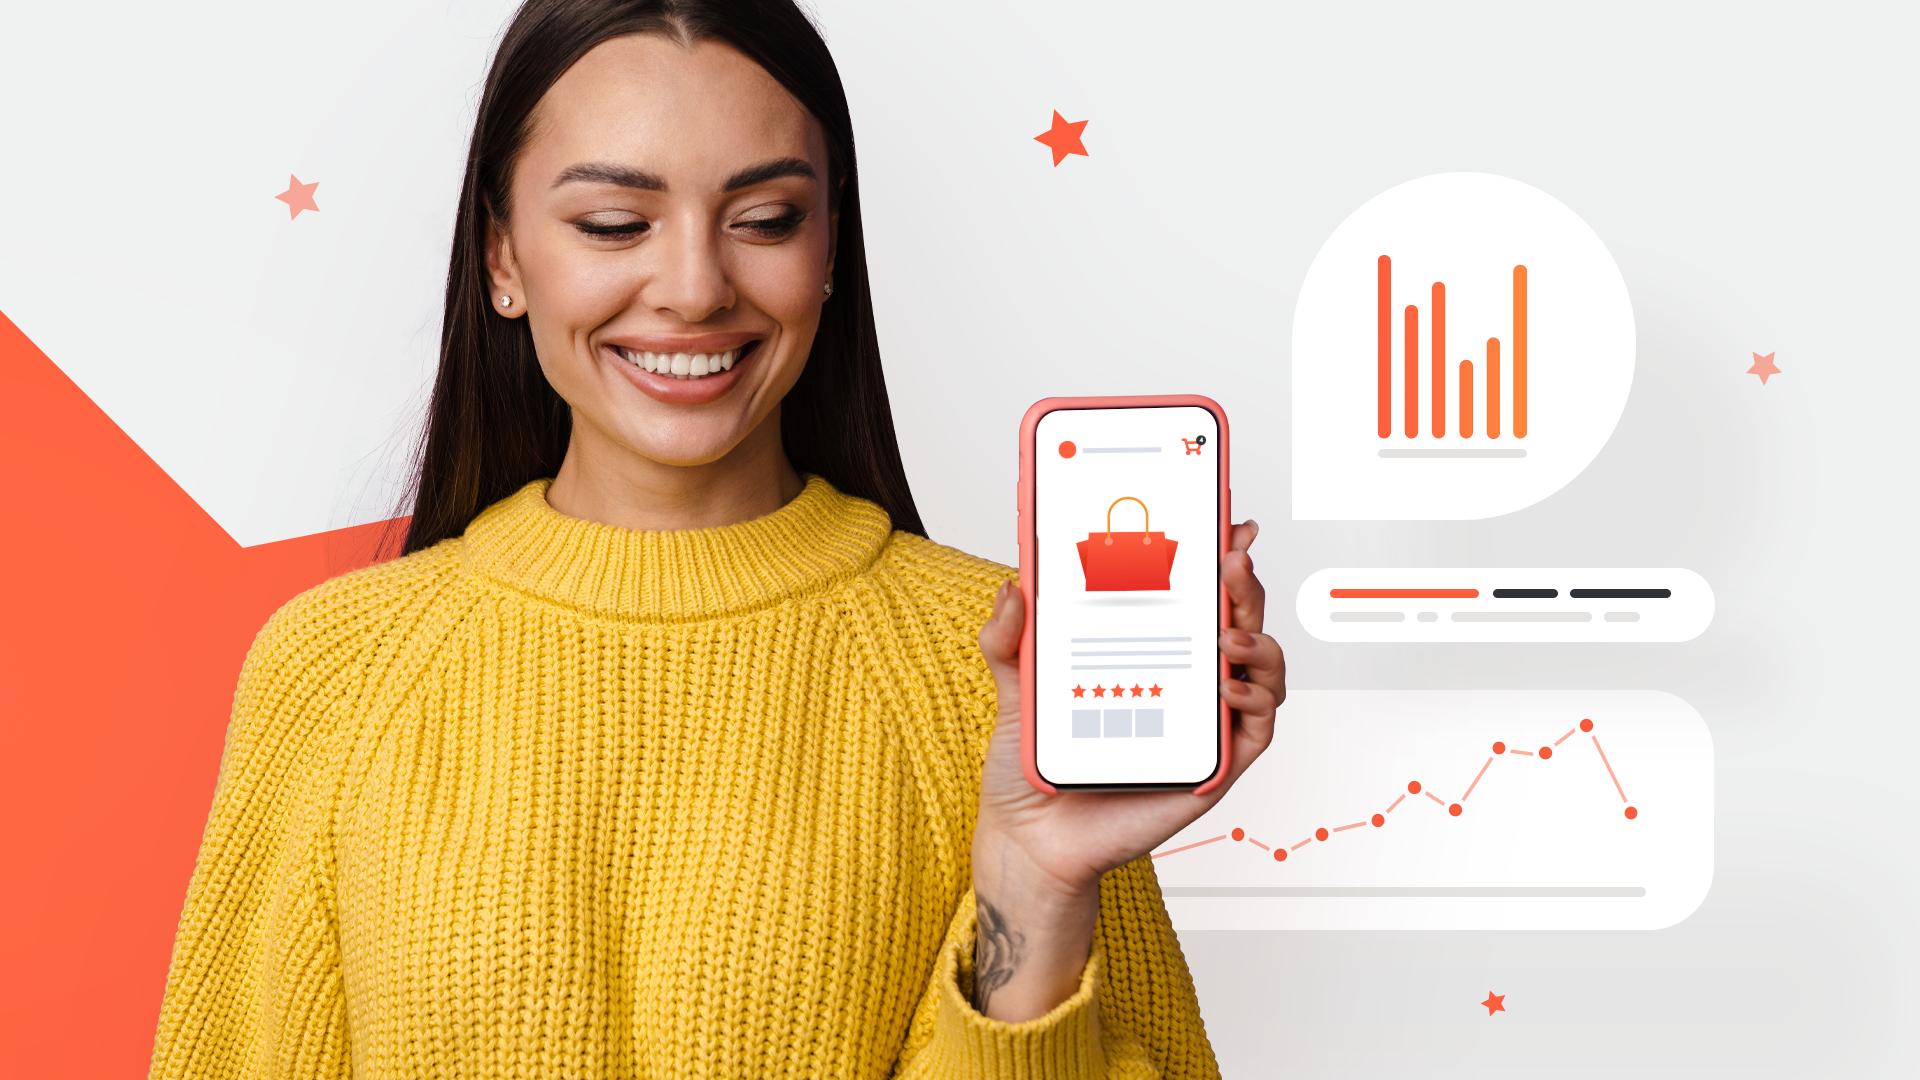 Bienvenido Septiembre: 6 consejos para gestionar las opiniones de tus clientes y mejorar tus productos